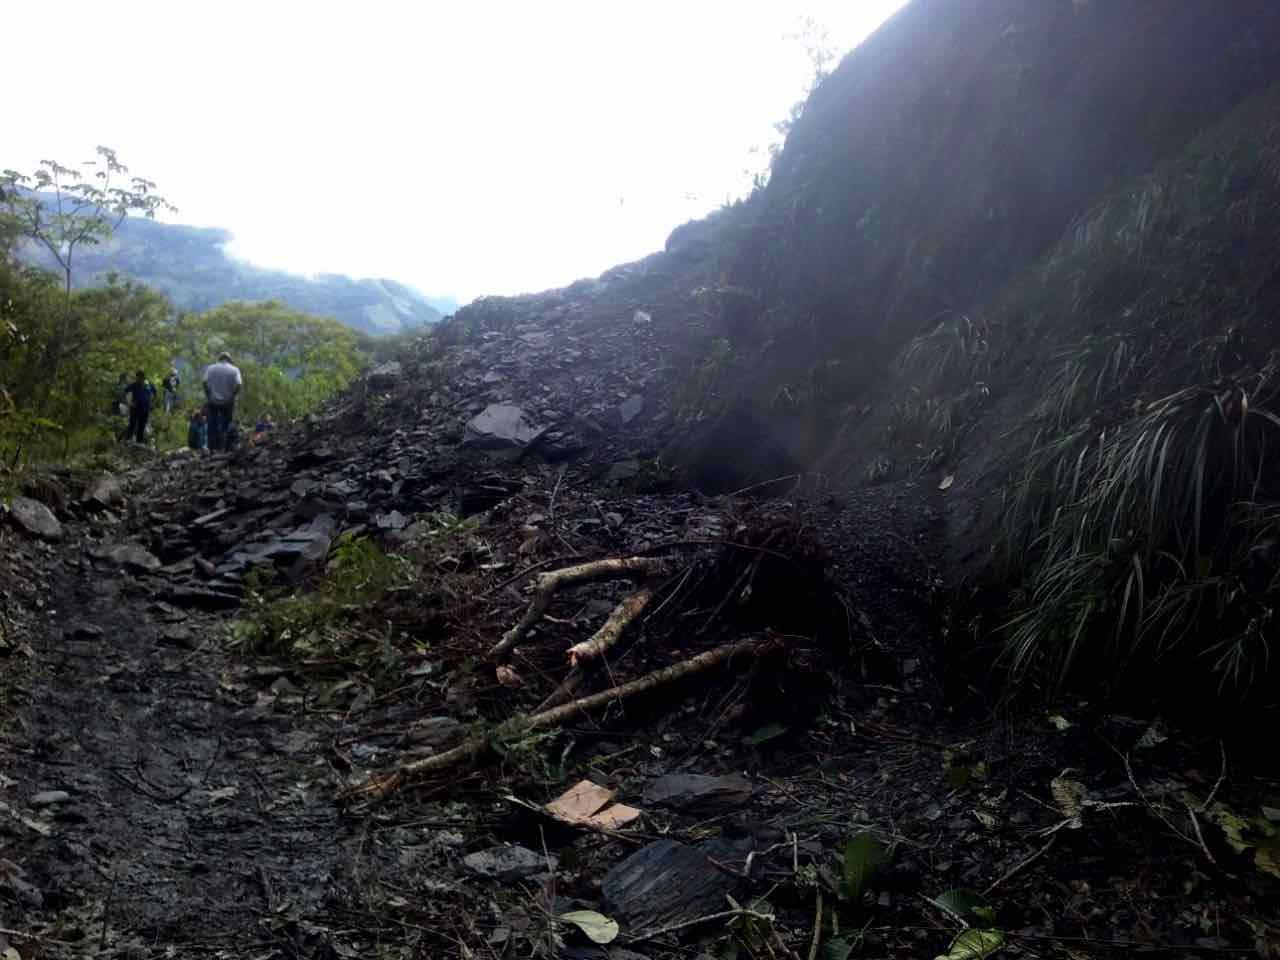 El derrumbe provocó cierre temporal de la vía que comunica los municipios de Muzo-Quípama- La Vitoria.